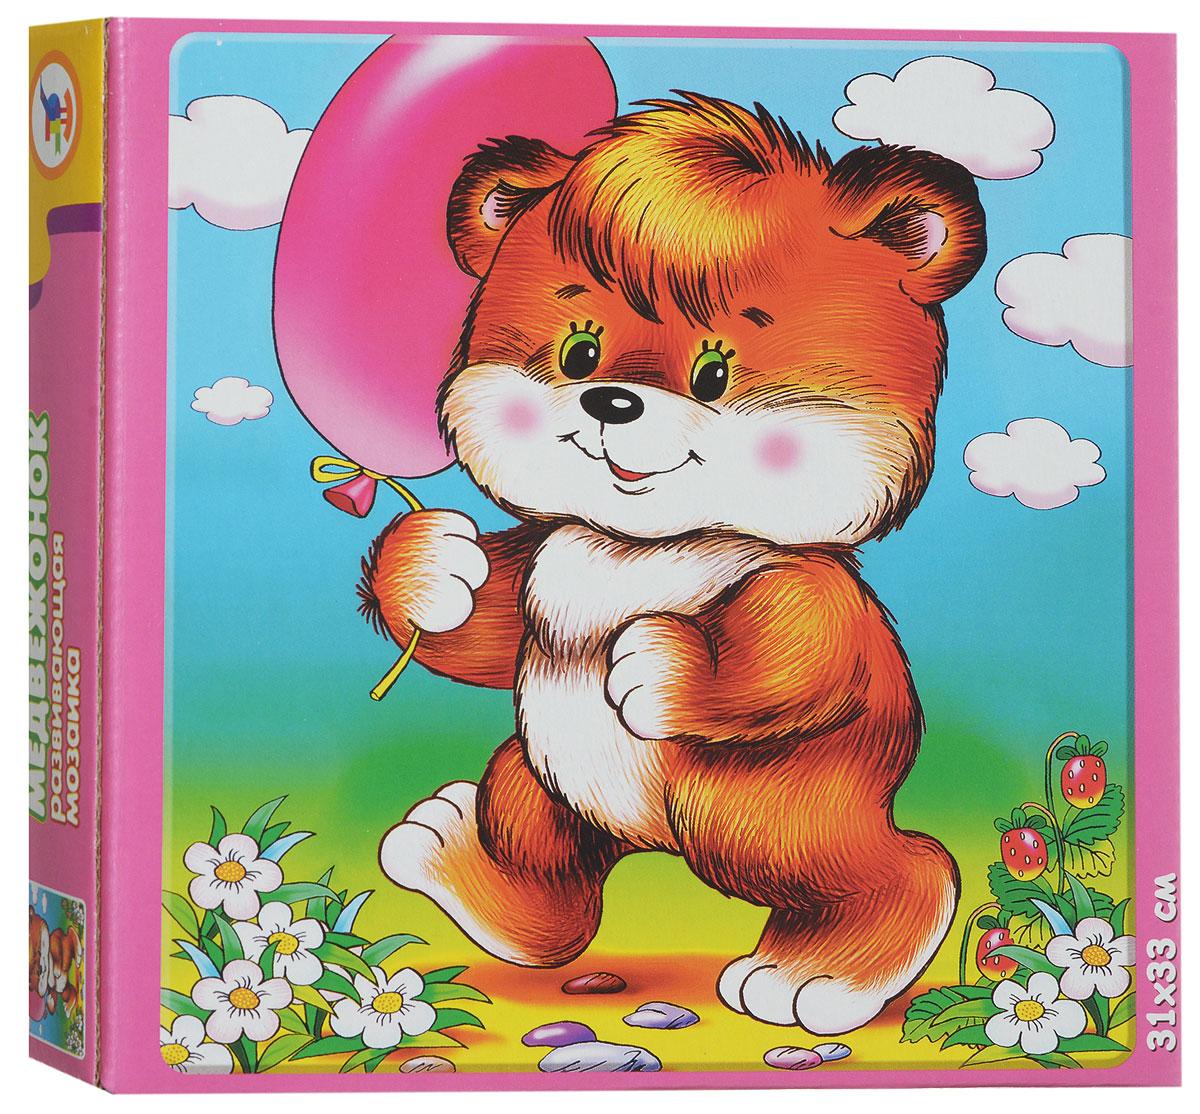 Дрофа-Медиа Пазл для малышей Медвежонок1293Пазл для малышей Дрофа-Медиа Медвежонок обязательно привлечет внимание даже самых маленьких детей. Собрав этот пазл, включающий в себя 16 элементов, вы получите картинку с изображением забавного медвежонка с воздушным шариком в лапке. Пазл научит ребенка усидчивости, умению доводить начатое дело до конца, поможет развить внимание, память, образное и логическое мышление, сенсорно-моторную координацию движения рук. Крупная и яркая форма собираемых элементов картинки способствуют развитию мелкой моторики, которая напрямую влияет на развитие речи и интеллектуальных способностей. В дальнейшем хорошая координация движений рук поможет ребенку легко овладеть письмом.